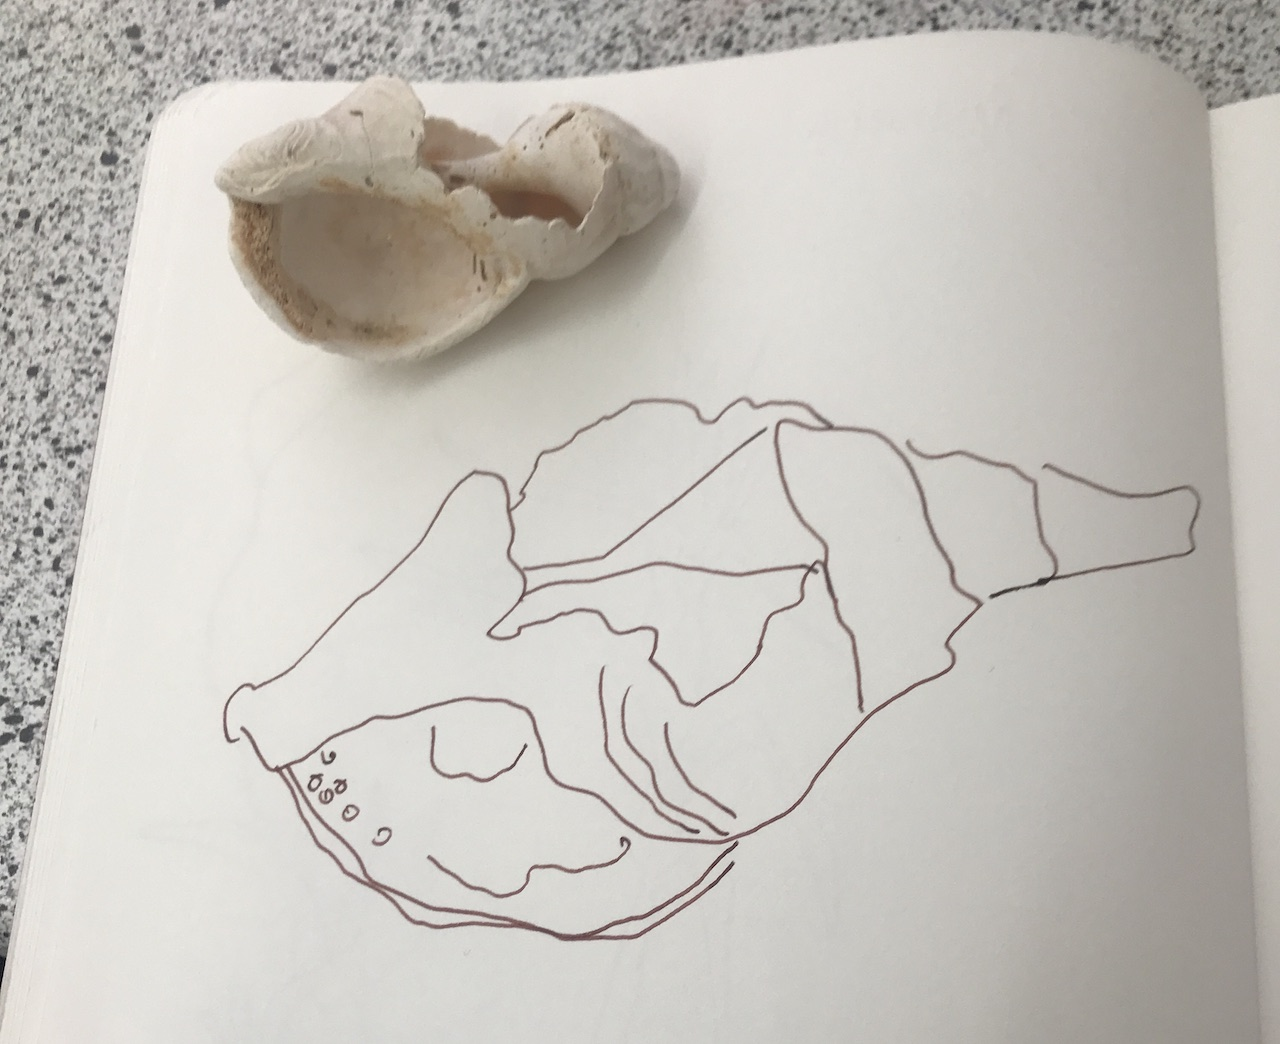 Eine Muschel entsteht, Foto von Susanne Haun (c) VG Bild-Kunst, Bonn 2020